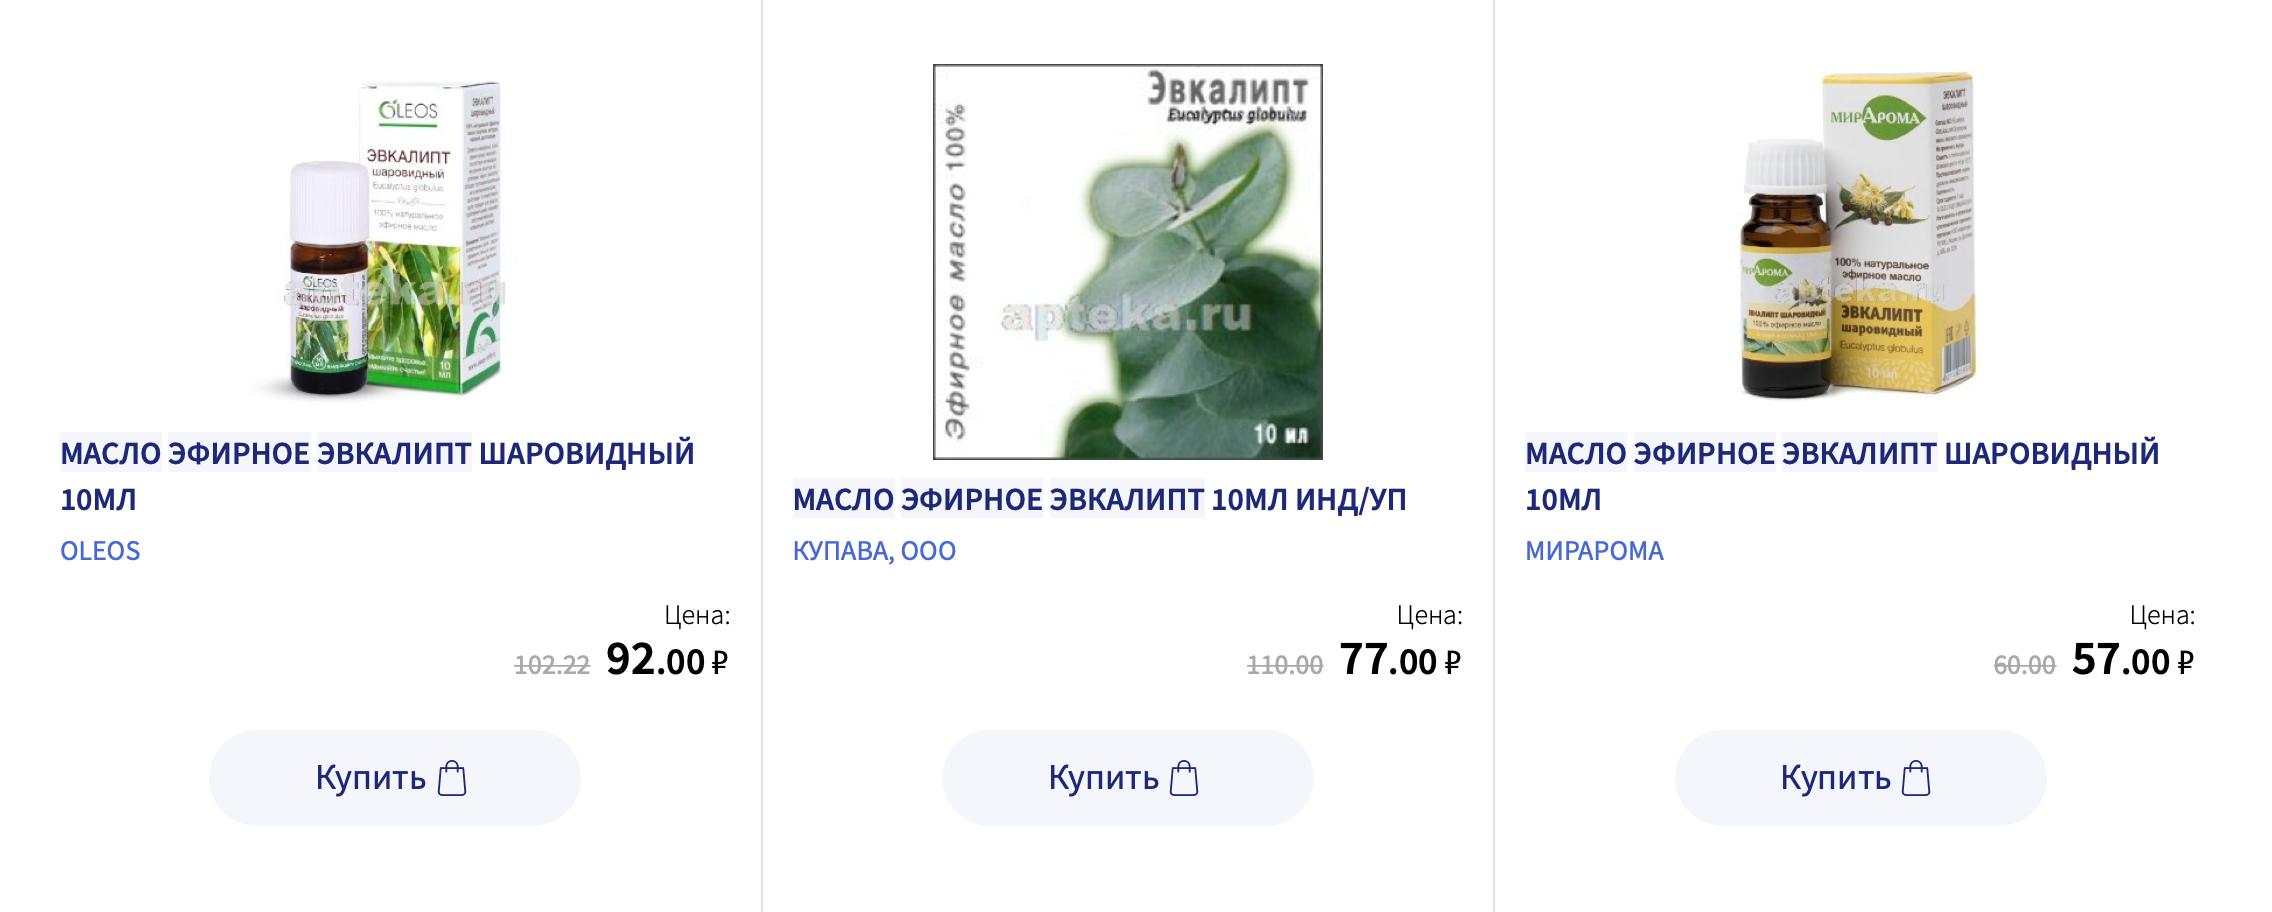 Эфирное масло можно купить в любой аптеке. Это предложения на сайте «Аптека-ру»